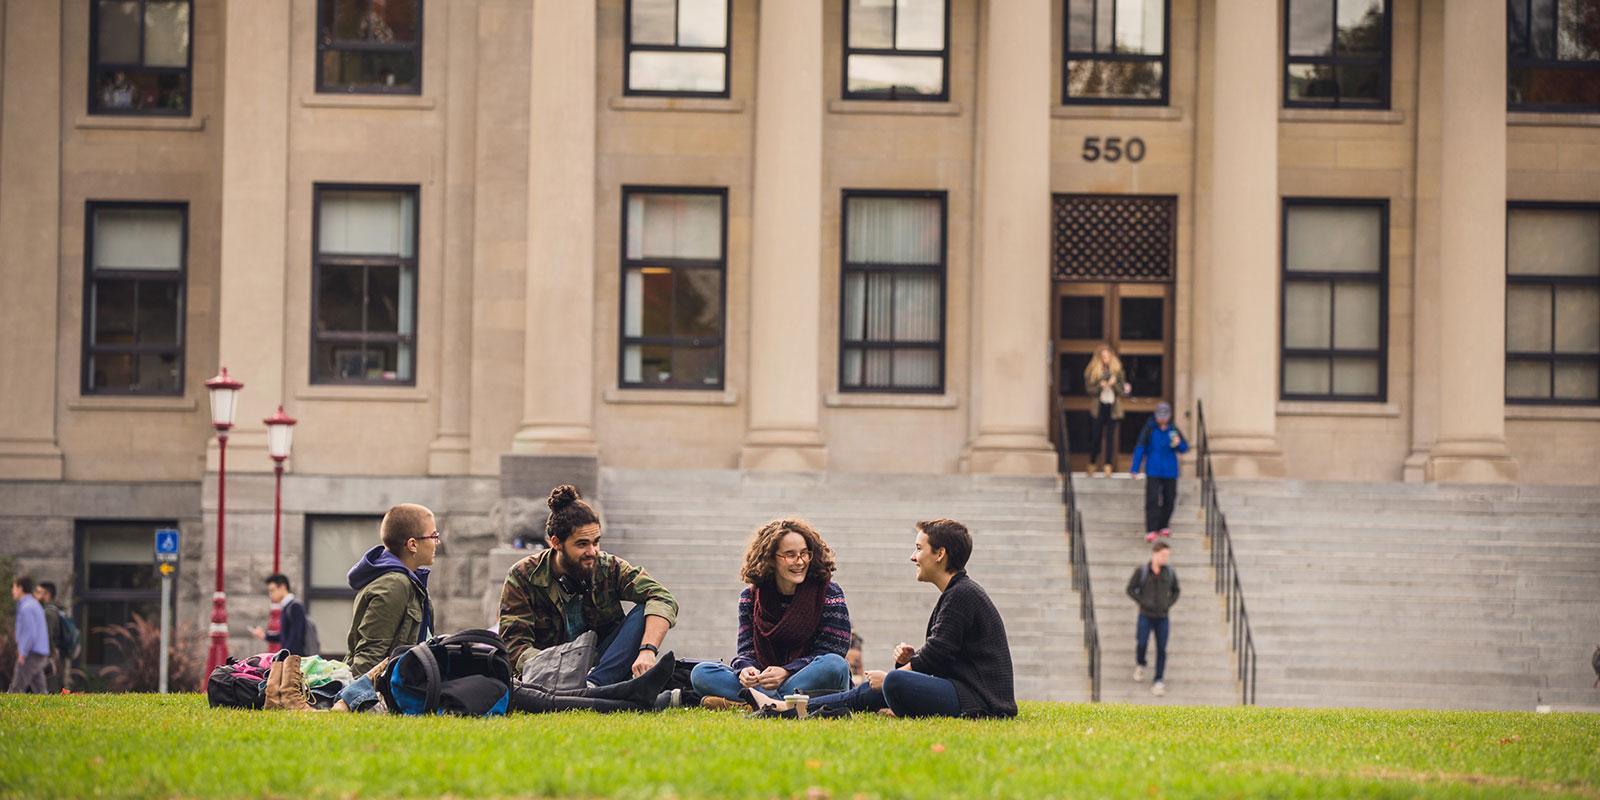 les étudiants sur l'herbe rapprochés